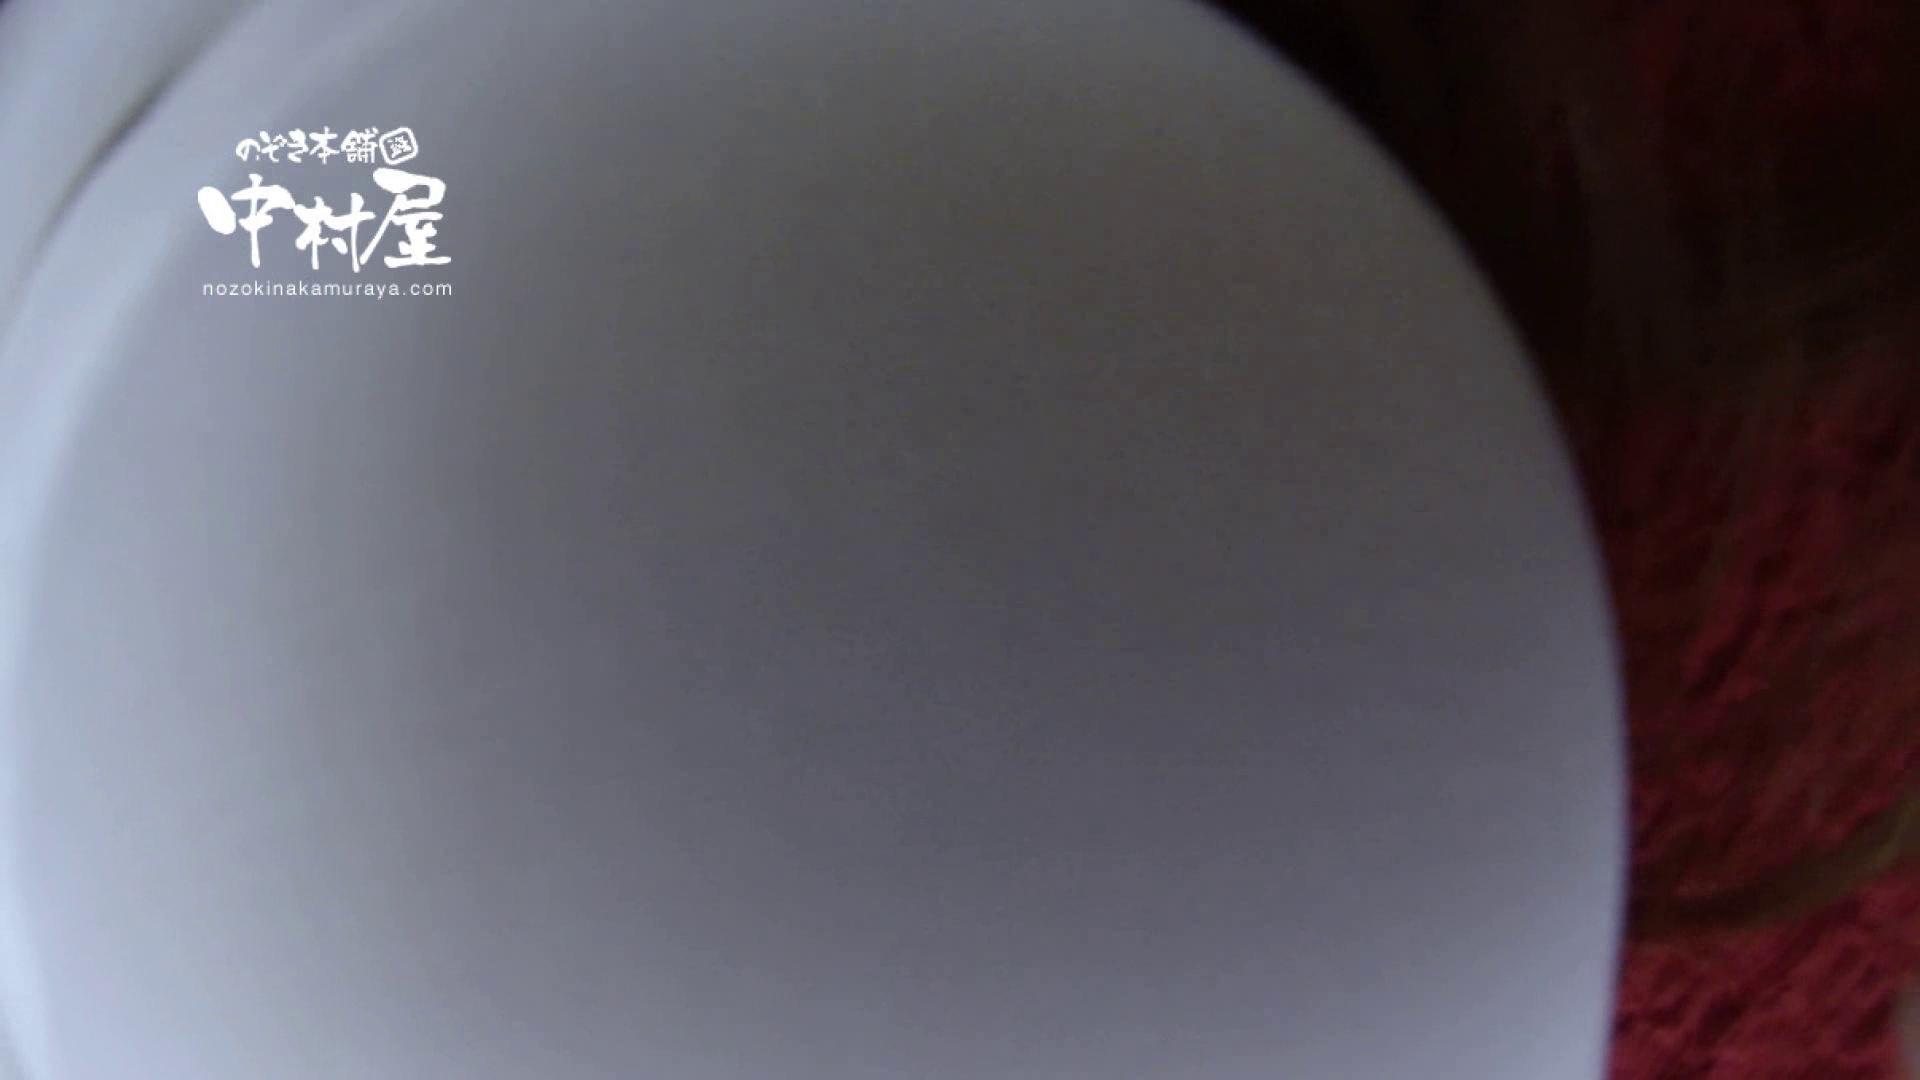 鬼畜 vol.07 パイパンだと?!中出ししてやる! 前編 中出し おめこ無修正画像 102PIX 41